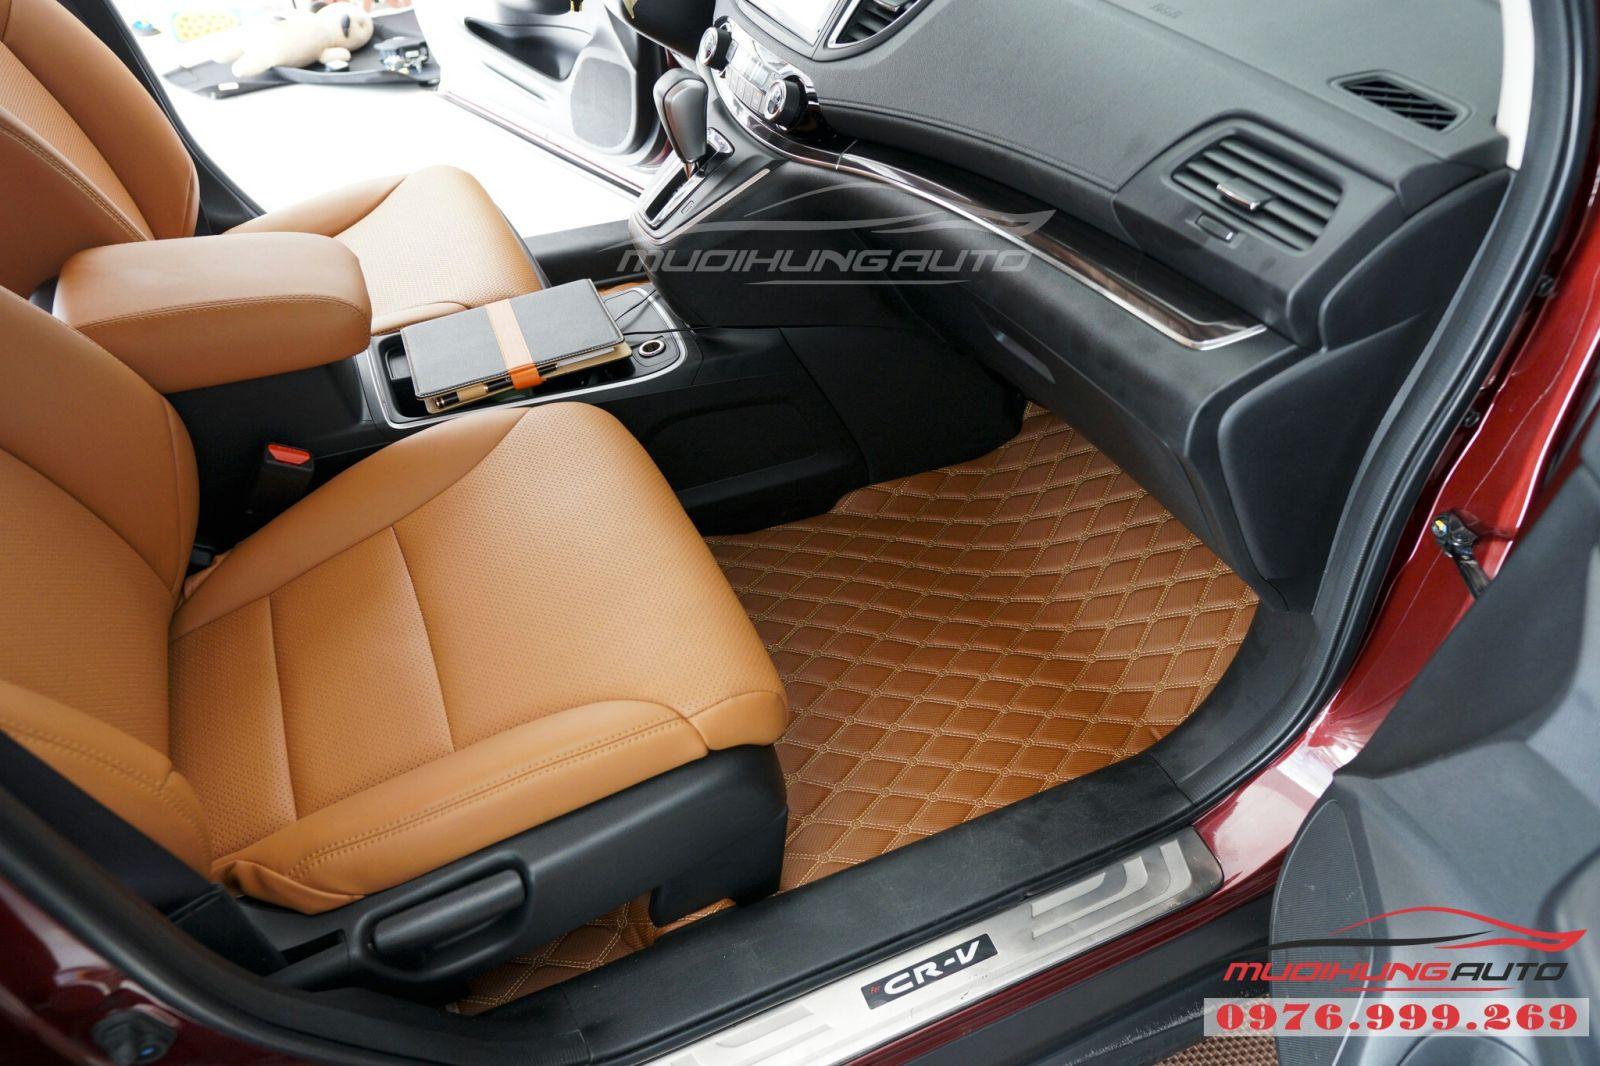 Lót sàn da 5D cao cấp cho Honda CRV giá tốt 05